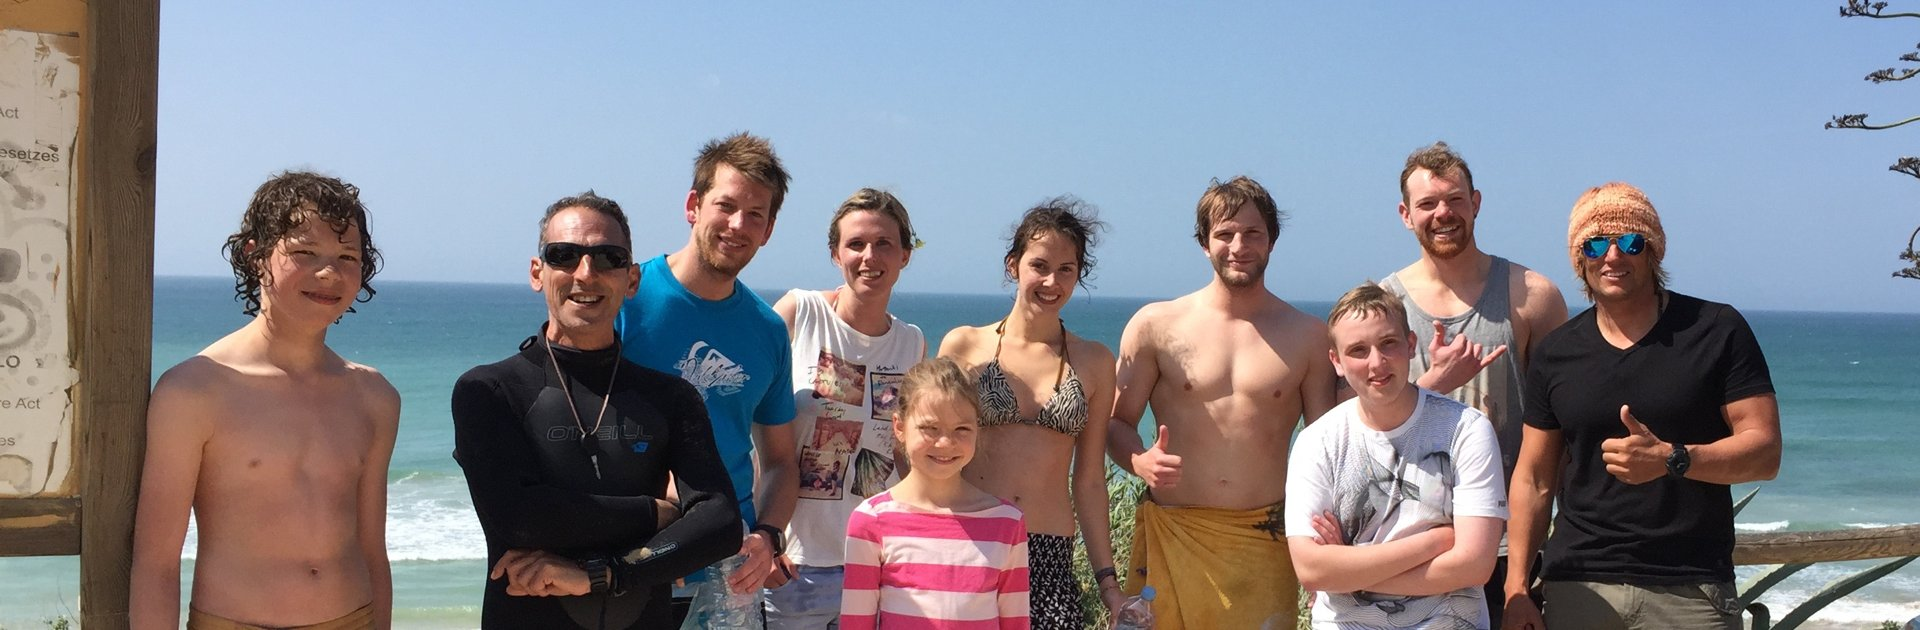 Surfkurs in Cadiz Conil El Palmar